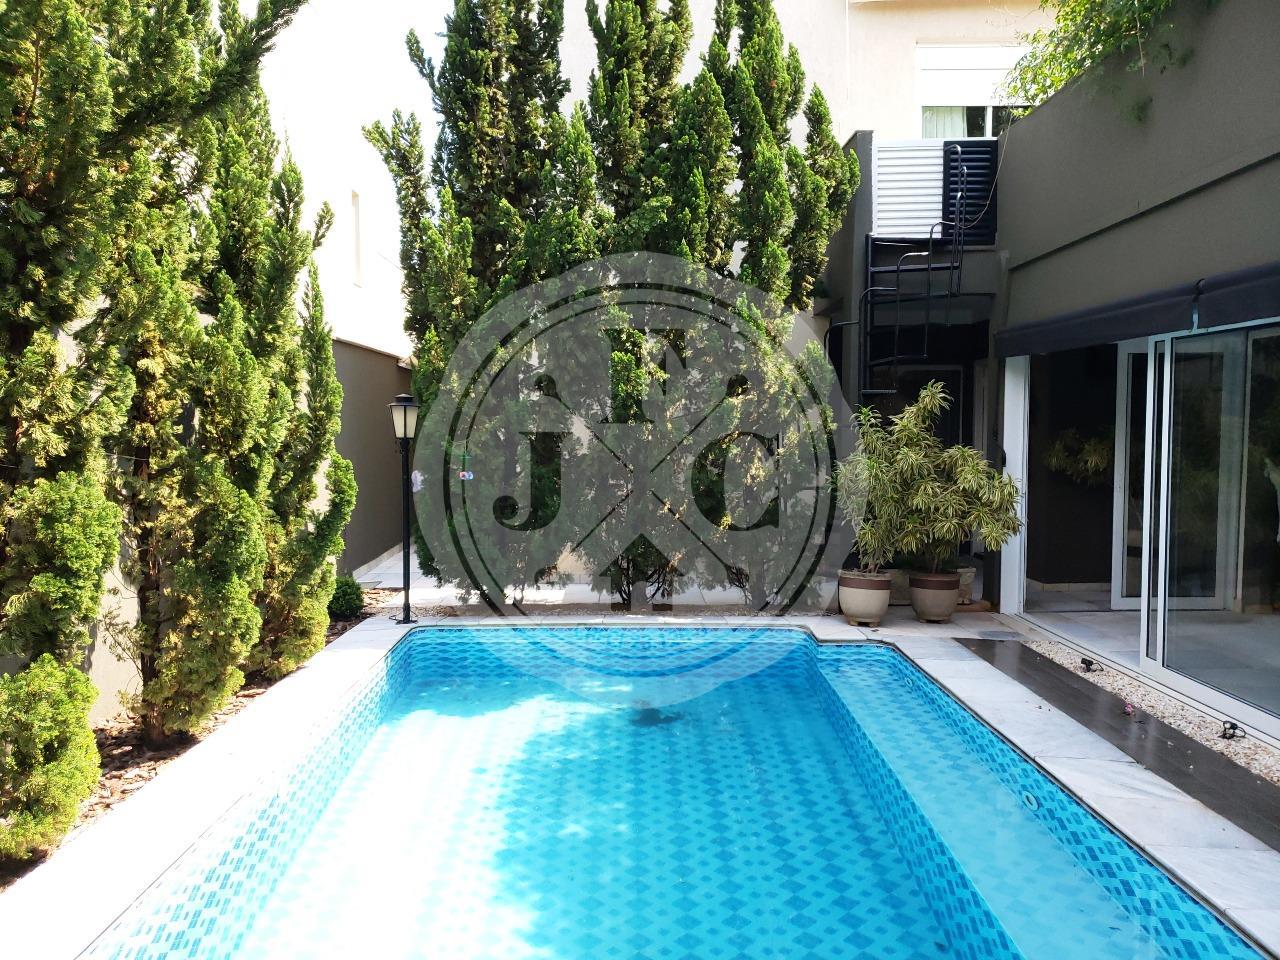 Exclusiva casa sobrado à venda no bairro Vila do Golf.